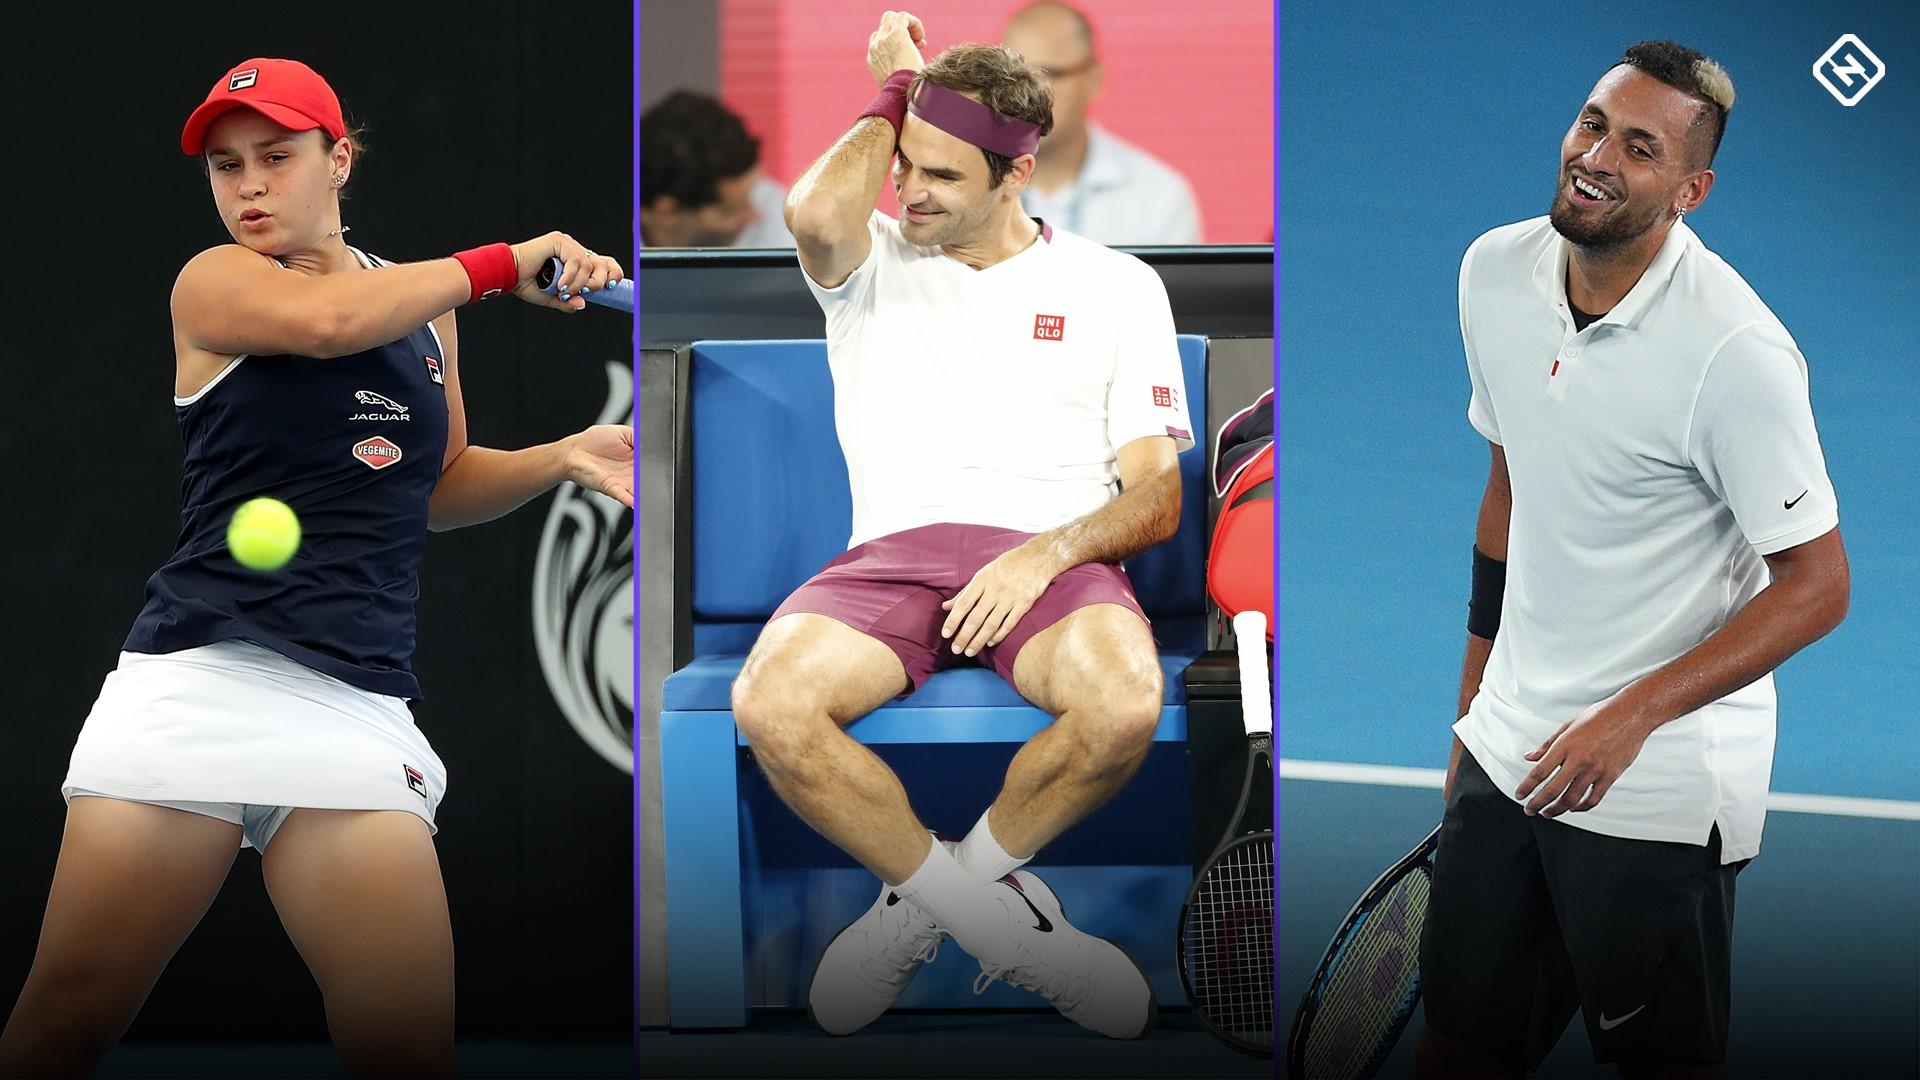 Australian Open 2020: Men's and women's singles draws revealed